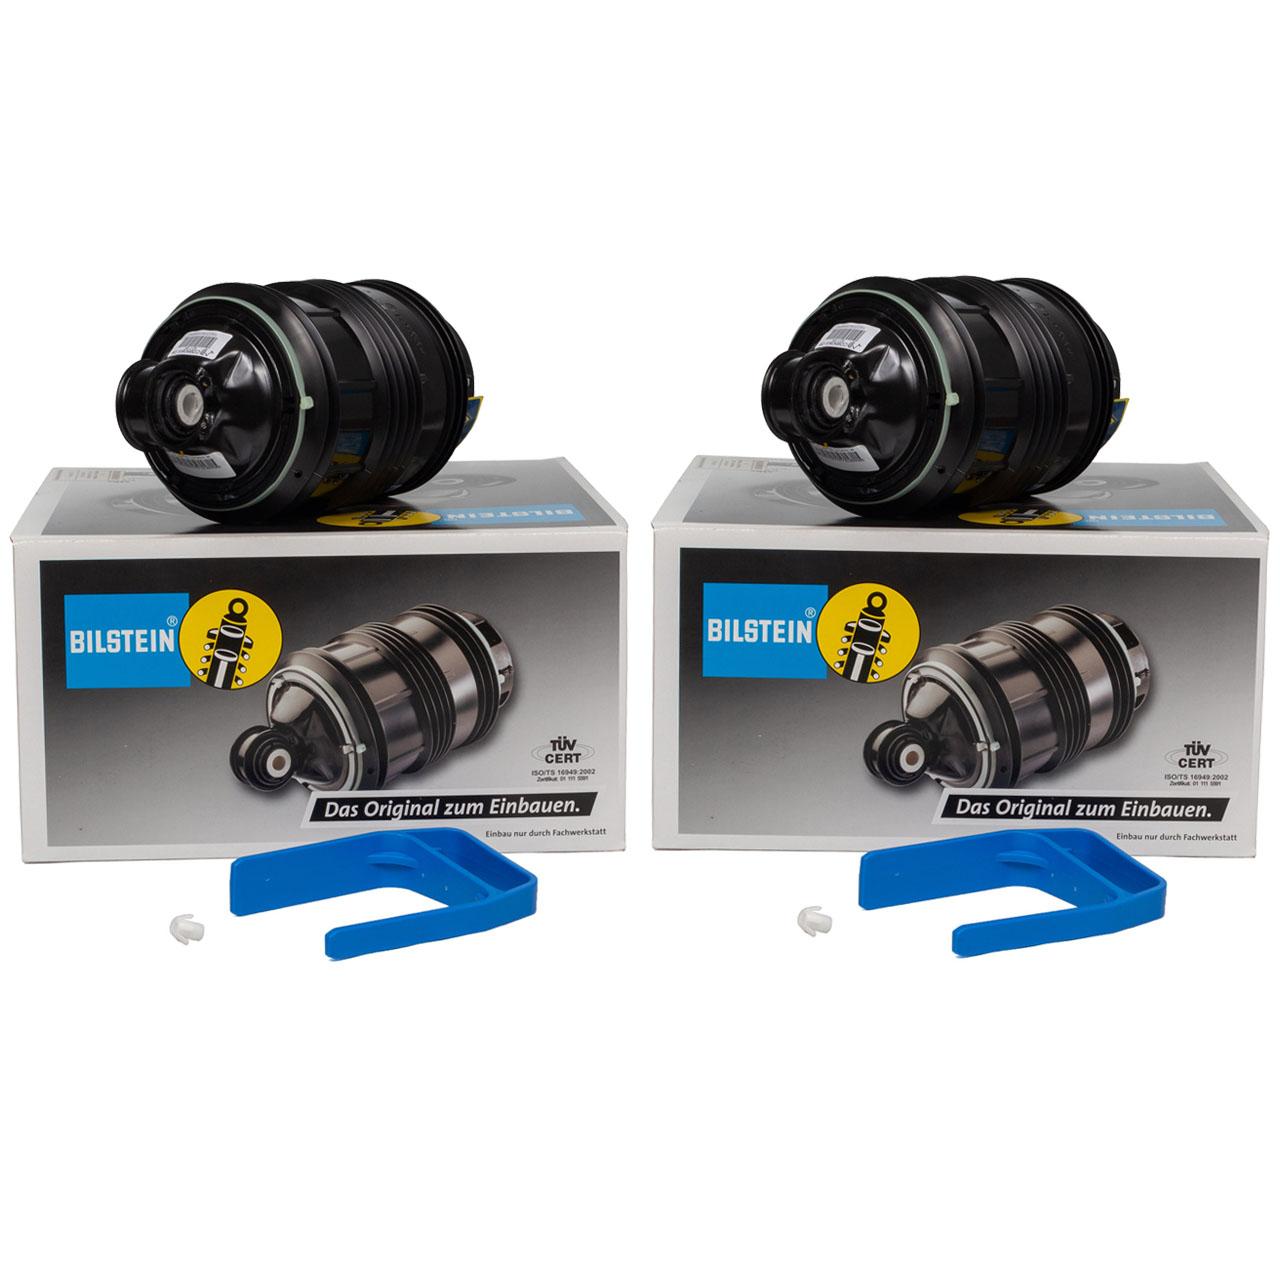 2x BILSTEIN B3 Luftfeder für MERCEDES E-KLASSE T-Model S211 ohne DC hinten